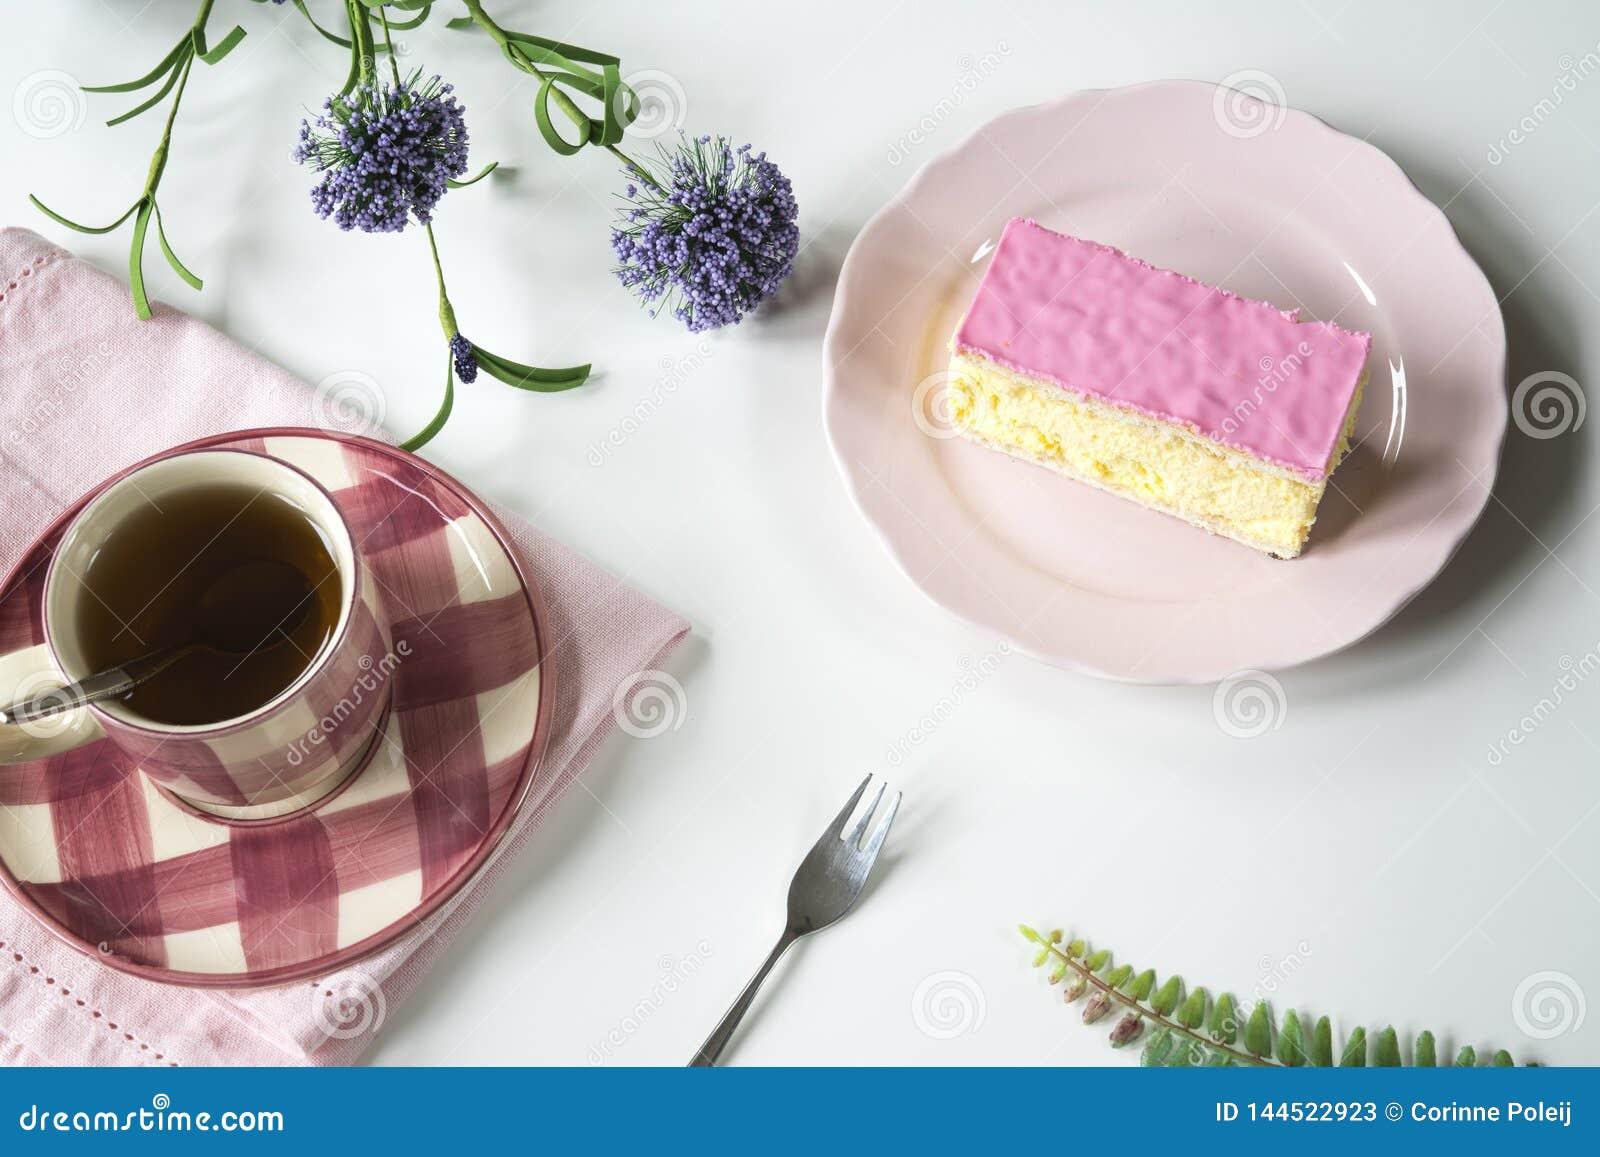 Vlak leg typisch Nederlands zoet roze verglaasd gebakje tompouce op roze plaat Met kop thee